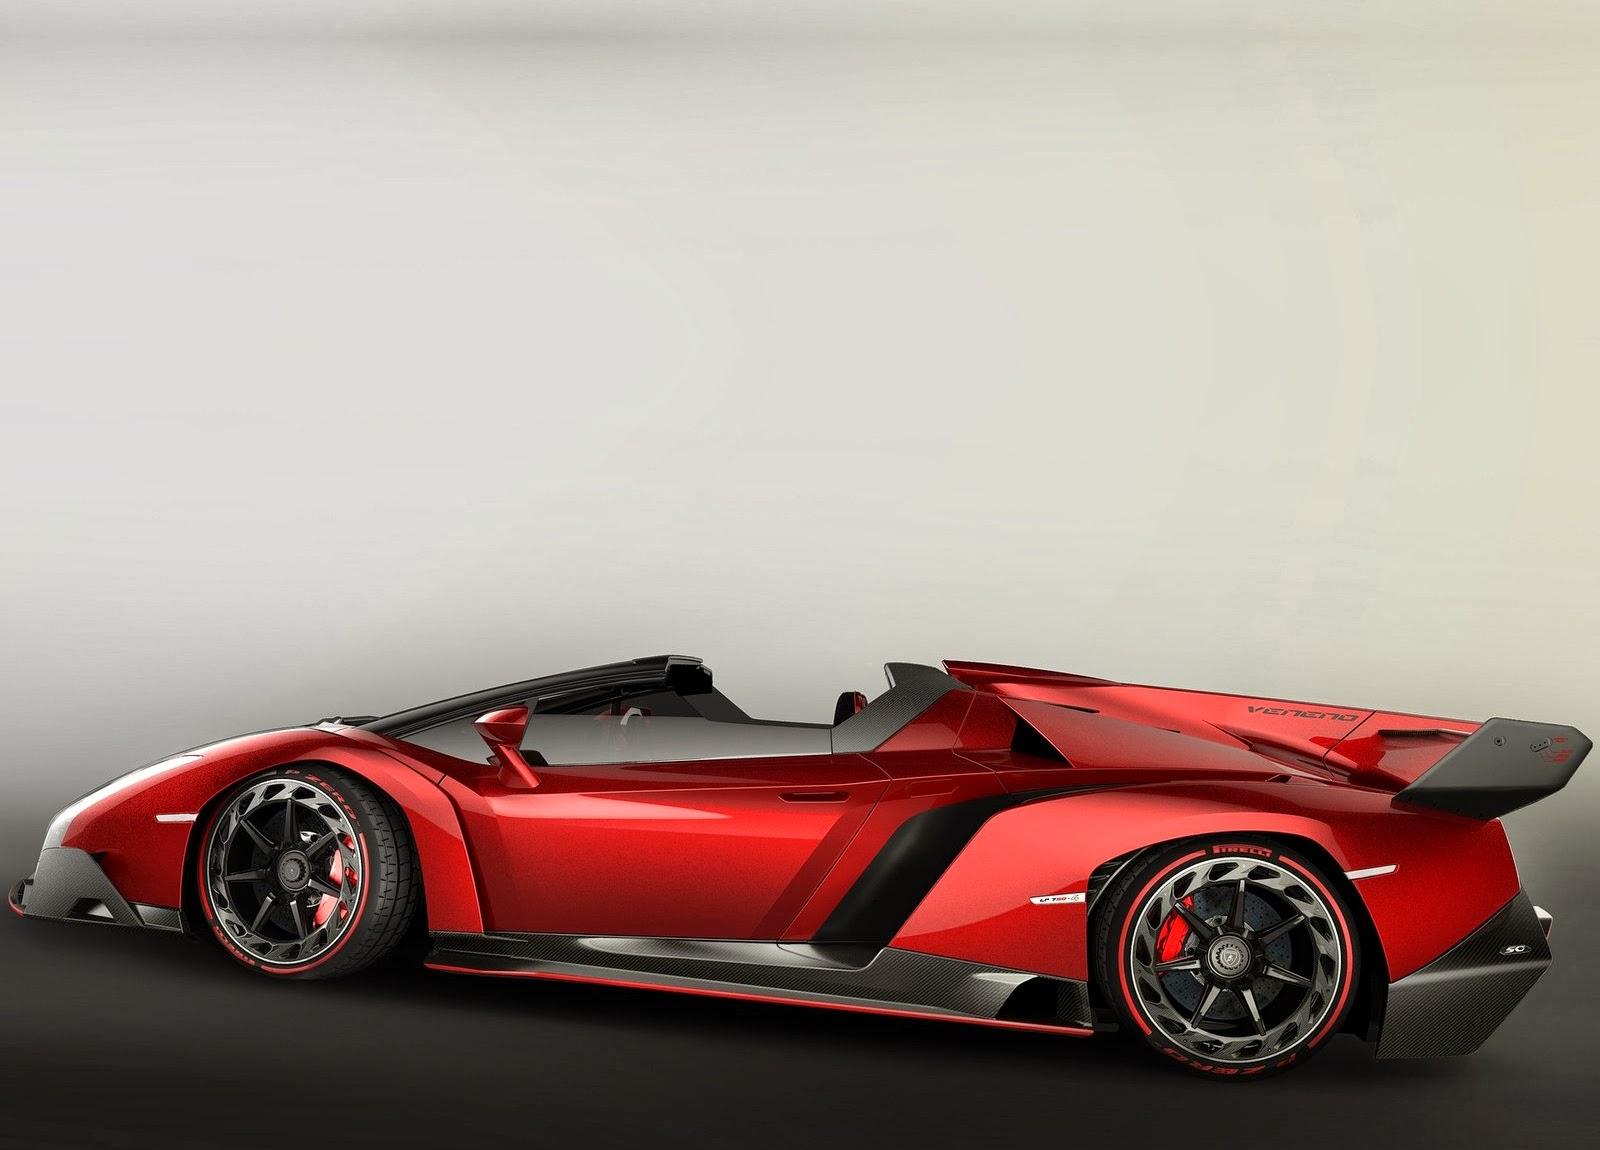 Mobil Sport Lamborghini Veneno Red Side View